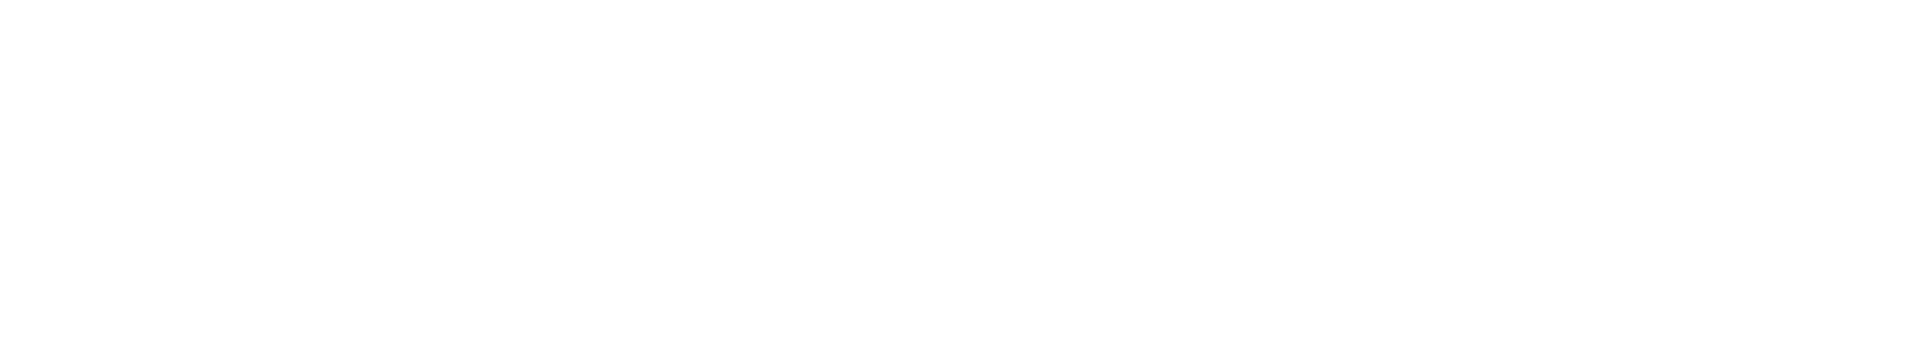 Divider_Schuin_Wit2